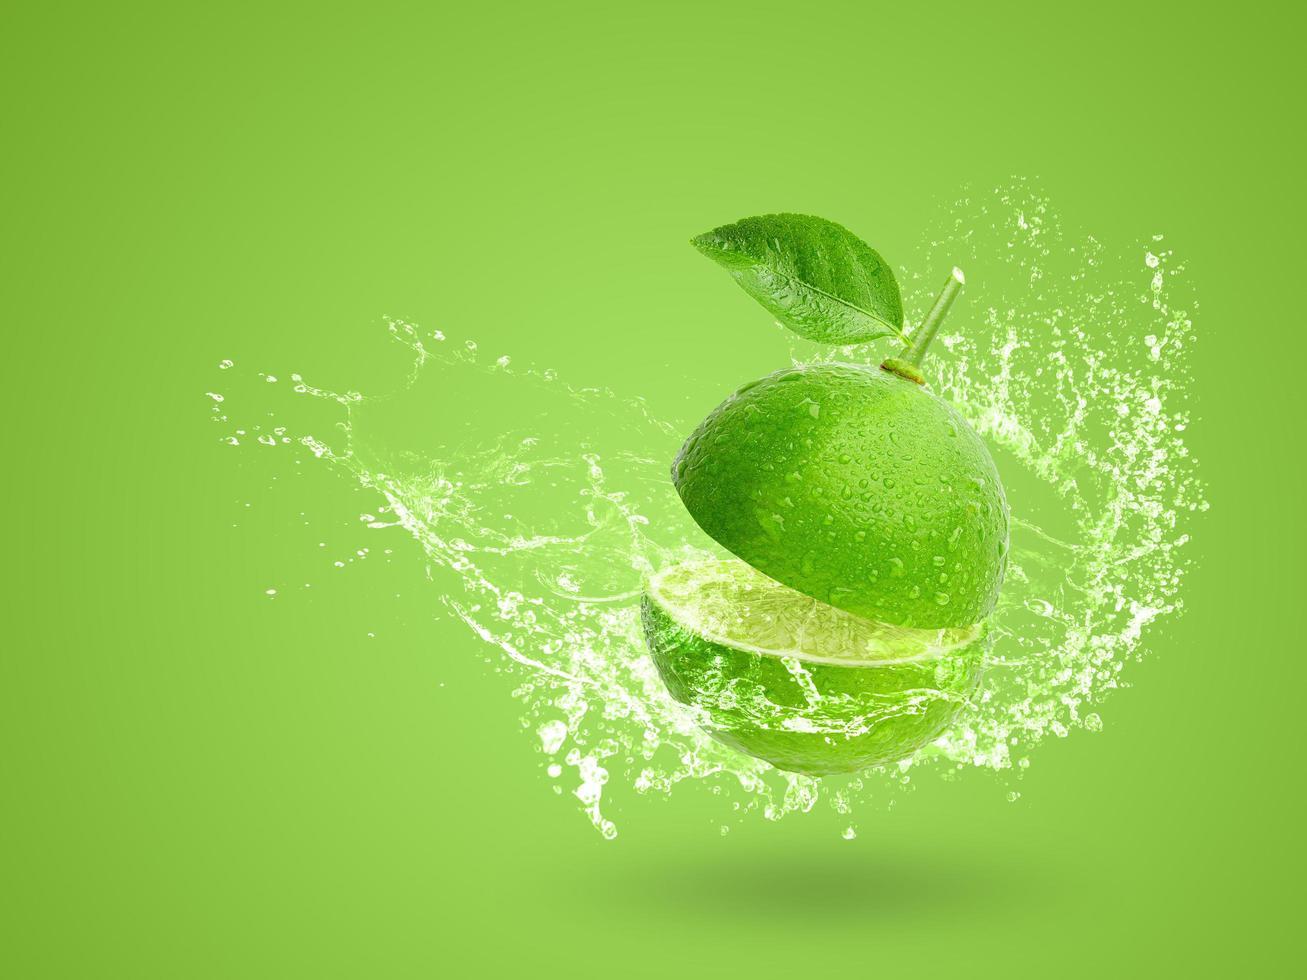 éclaboussures d'eau sur de la chaux verte fraîche photo